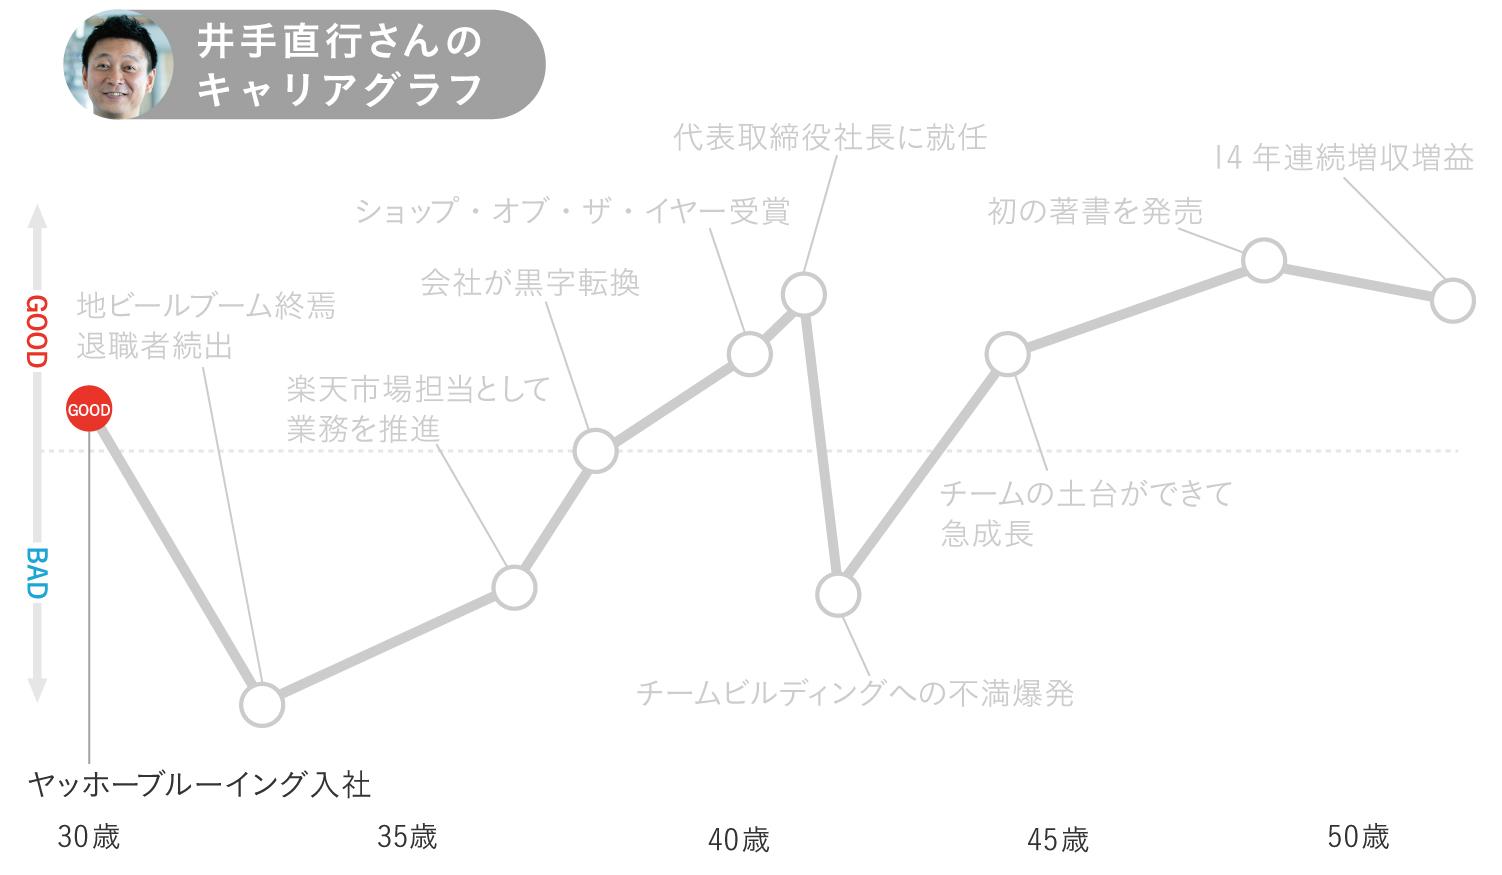 キャリアグラフ1